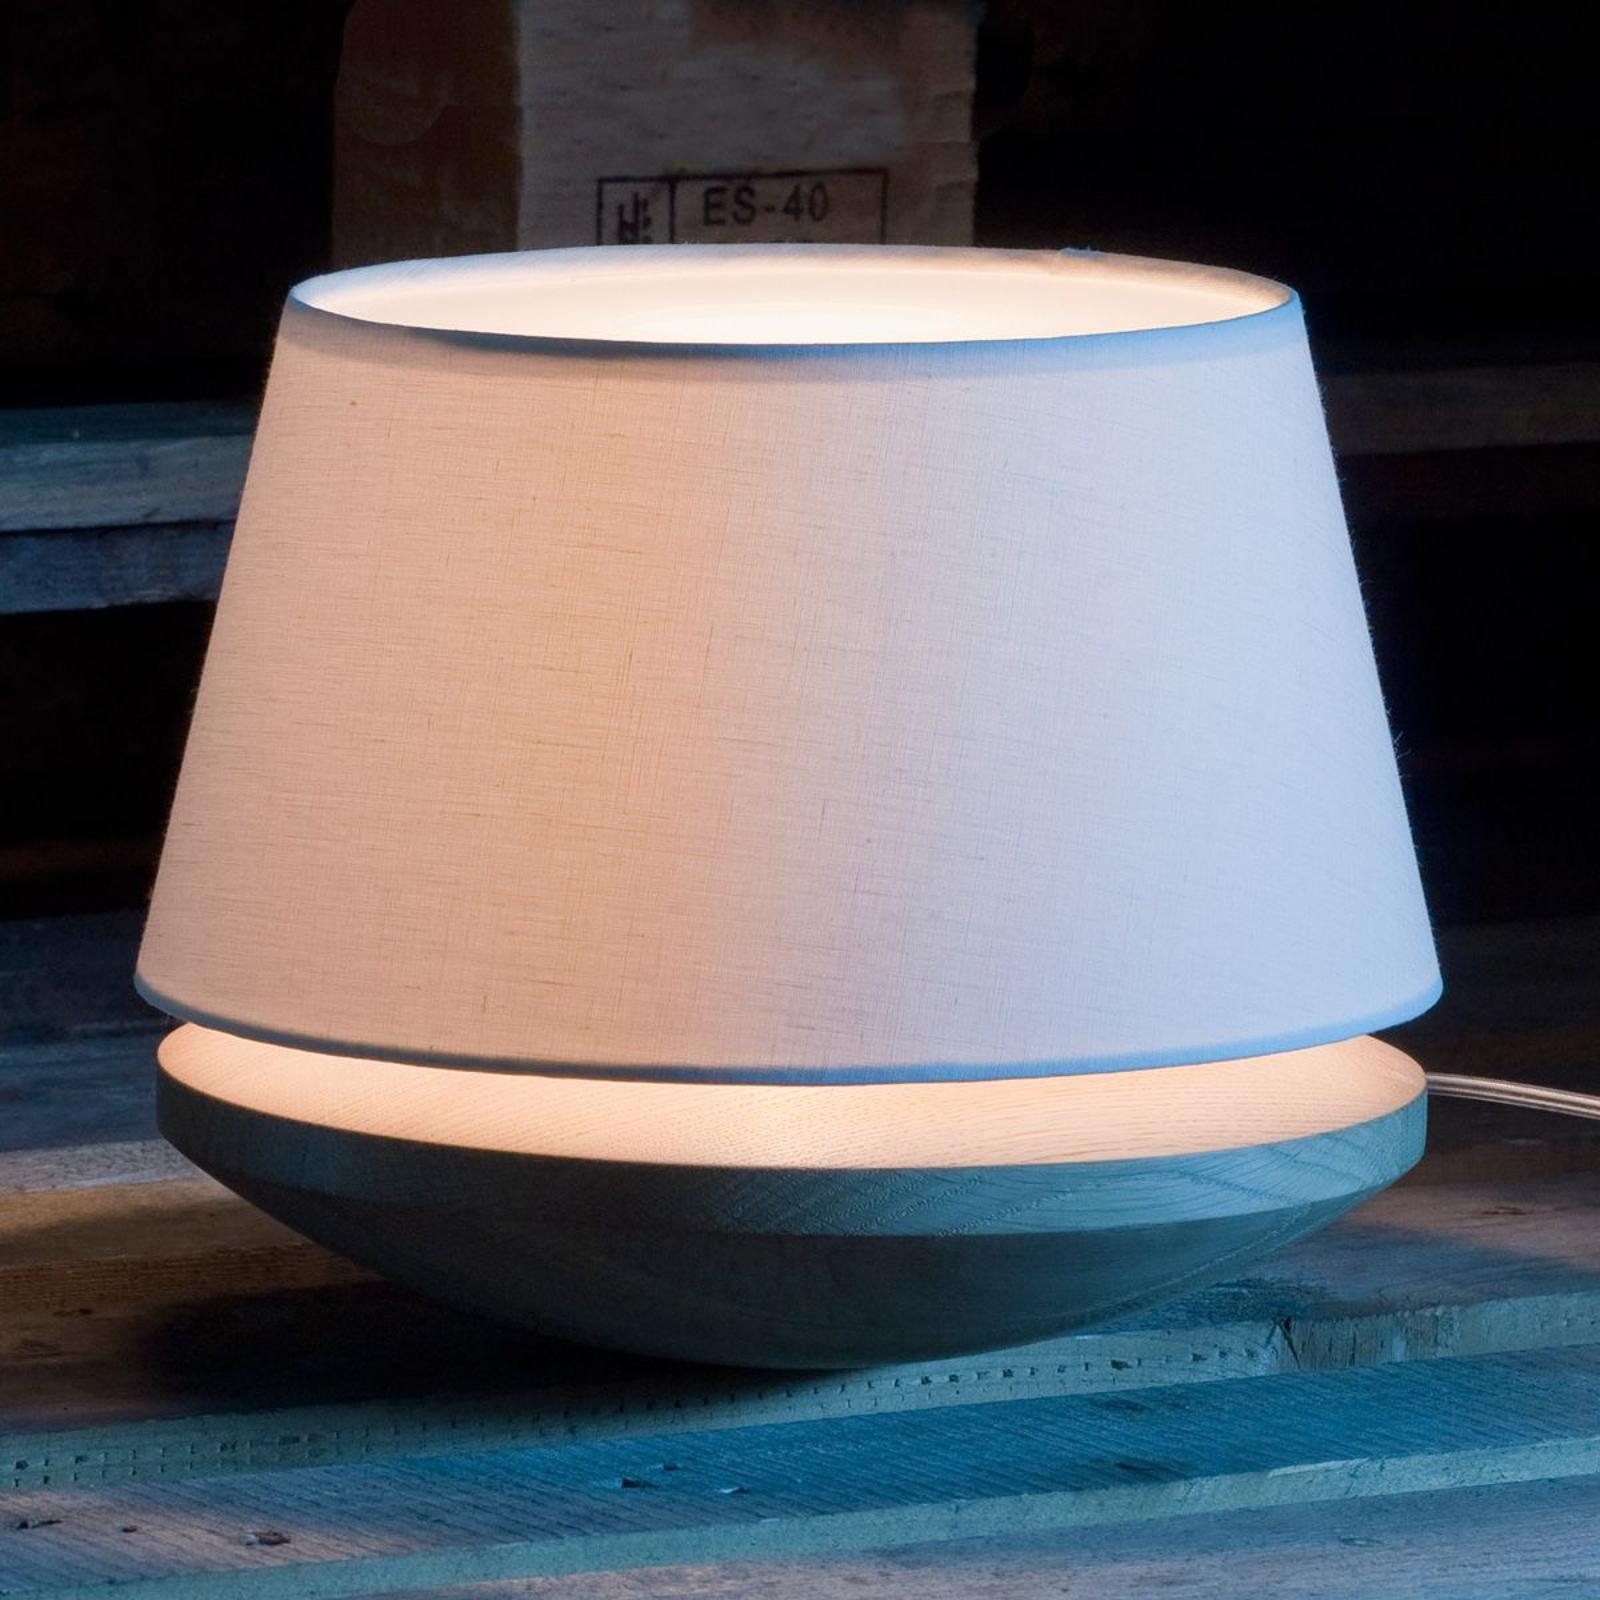 Kjell - bordslampa med linskärm, creme